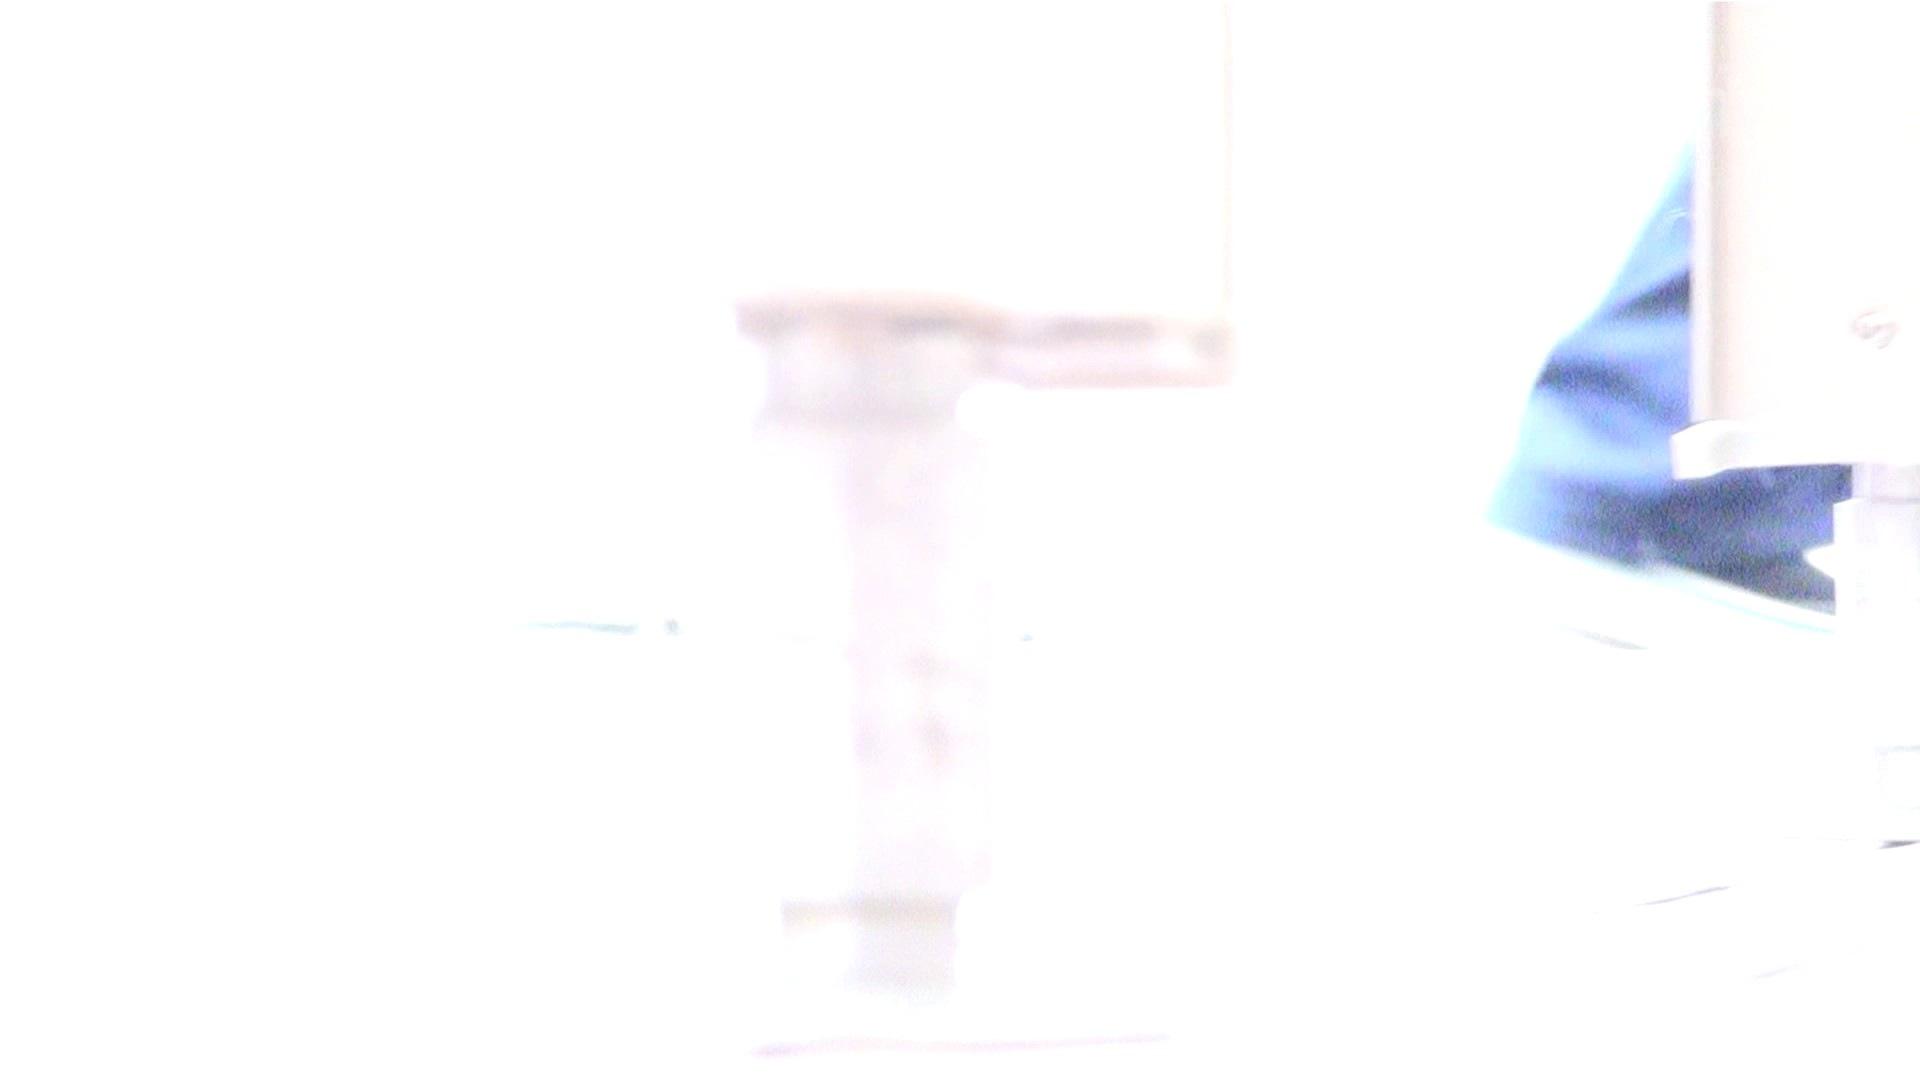 ※100個限定販売 至高下半身盗撮 プレミアム Vol.21 ハイビジョン OLの実態   盗撮  49pic 11